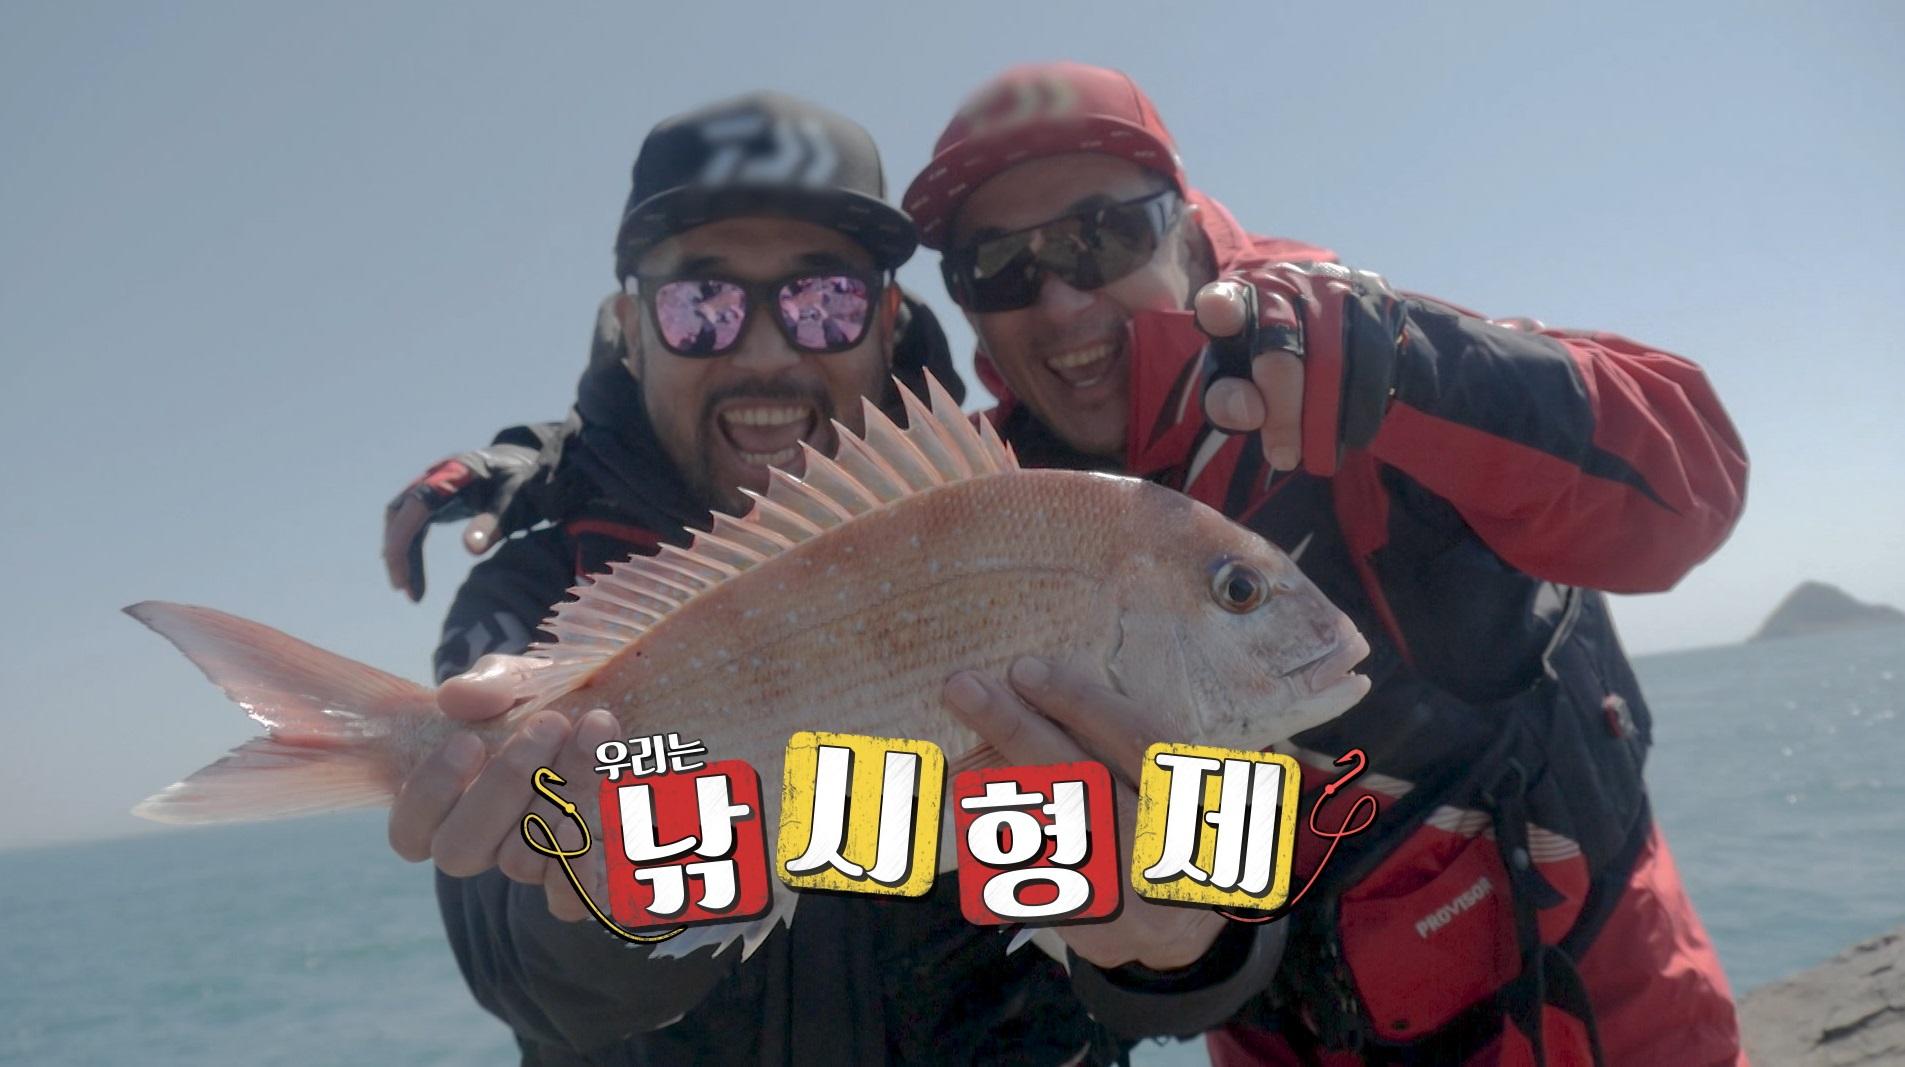 이하늘, 낚시형제 시즌2 첫 버킷리스트로 친동생 '45rpm' 이현배와 함께 낚시를